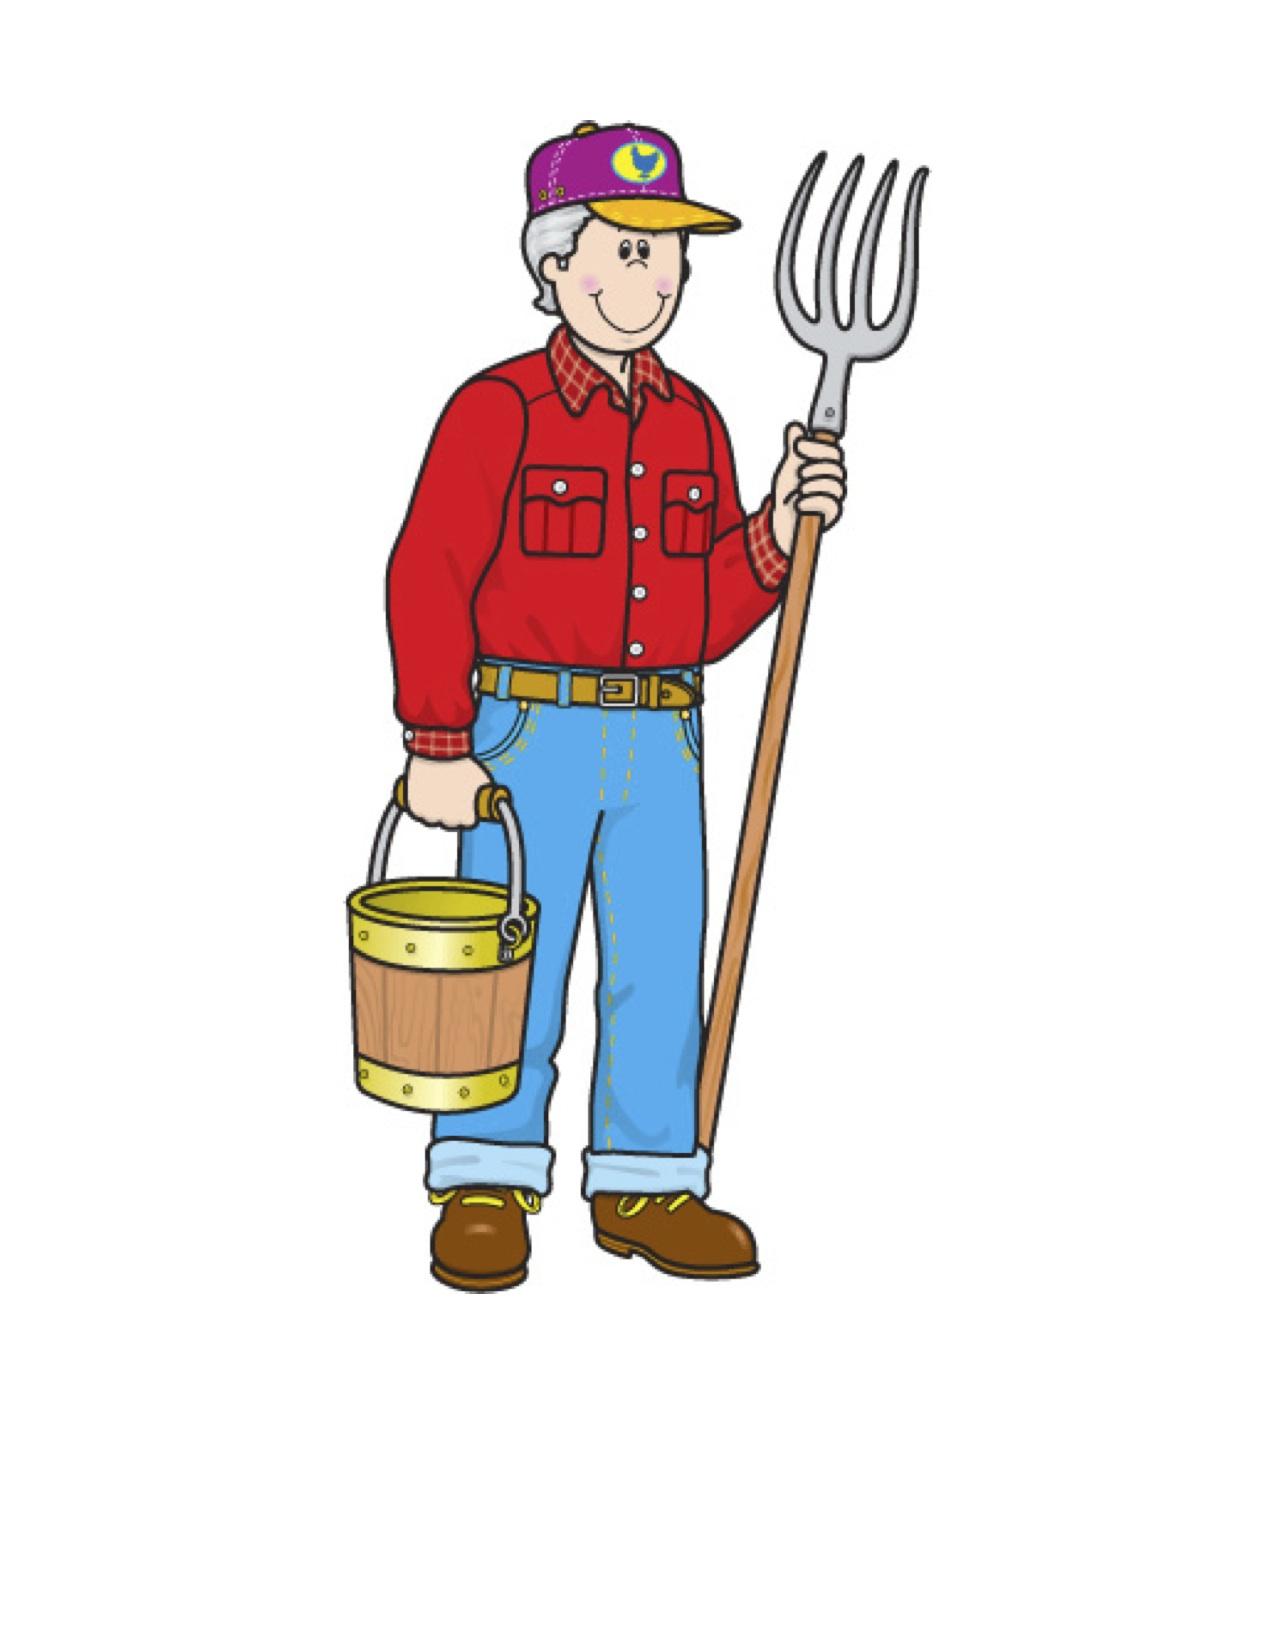 1275x1650 Farmer Clip Art Tumundografico 9